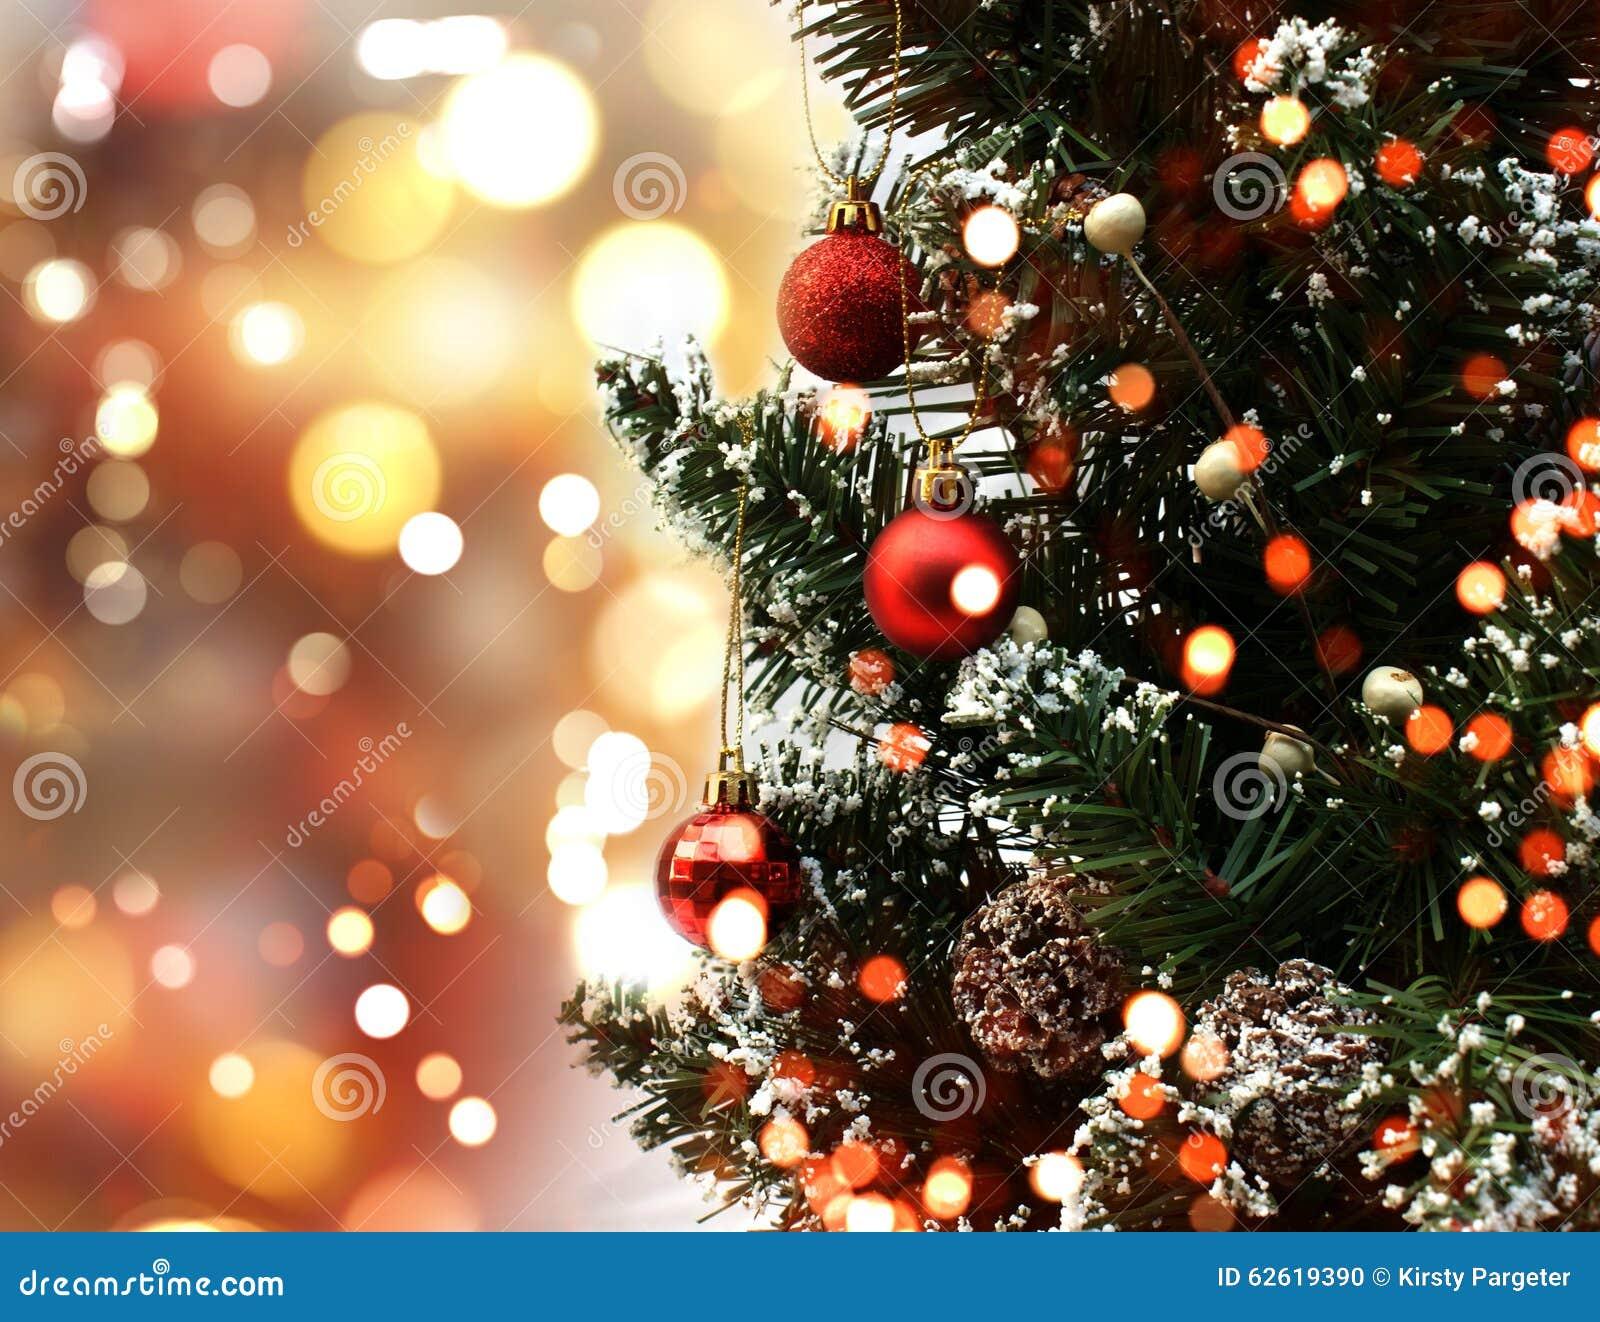 weihnachtsbaum auf bokeh beleuchtet hintergrund stockfoto bild von feiertag funkeln 62619390. Black Bedroom Furniture Sets. Home Design Ideas